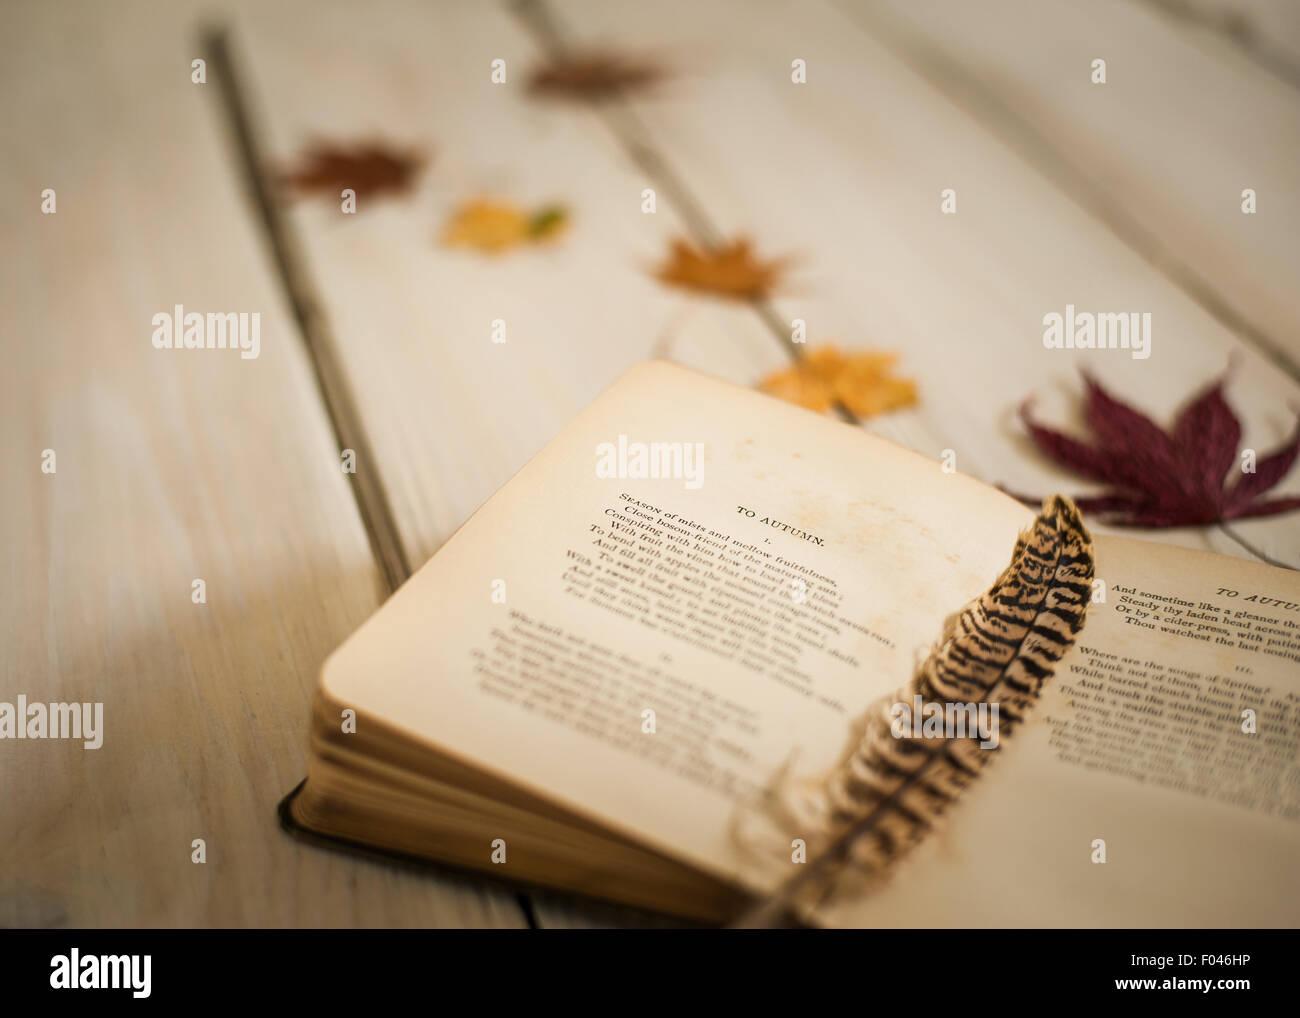 Nahaufnahme von Vintage Buches der Poesie zu öffnen, Ode an den Herbst von John Keats, mit Feder und Herbstlaub Stockbild